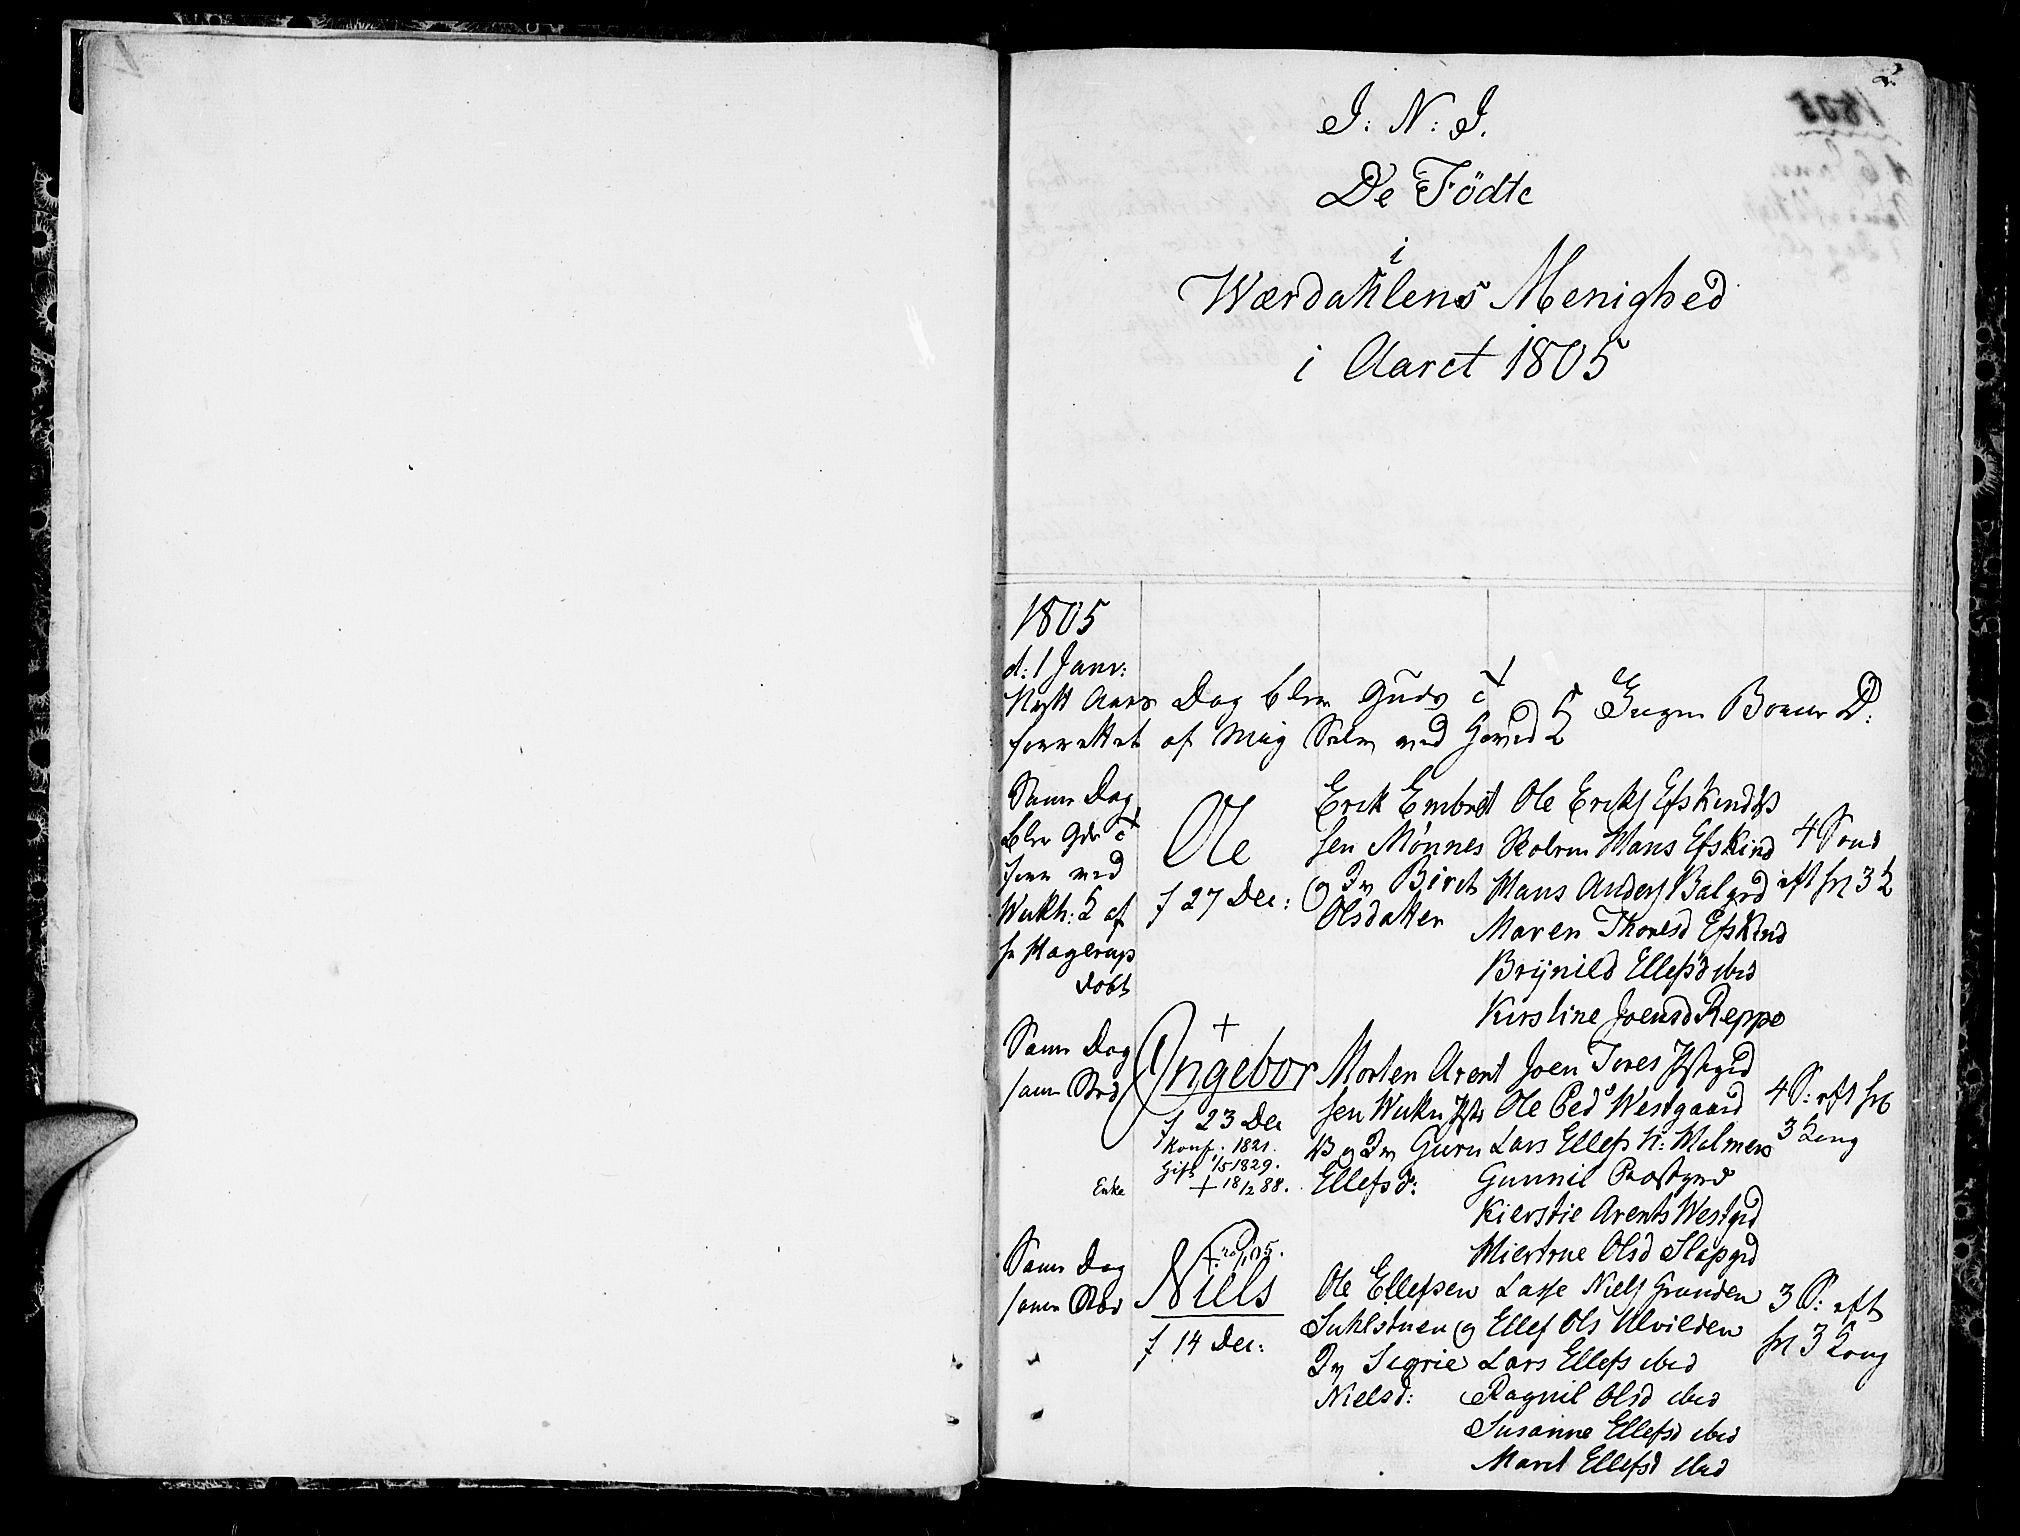 SAT, Ministerialprotokoller, klokkerbøker og fødselsregistre - Nord-Trøndelag, 723/L0233: Ministerialbok nr. 723A04, 1805-1816, s. 2